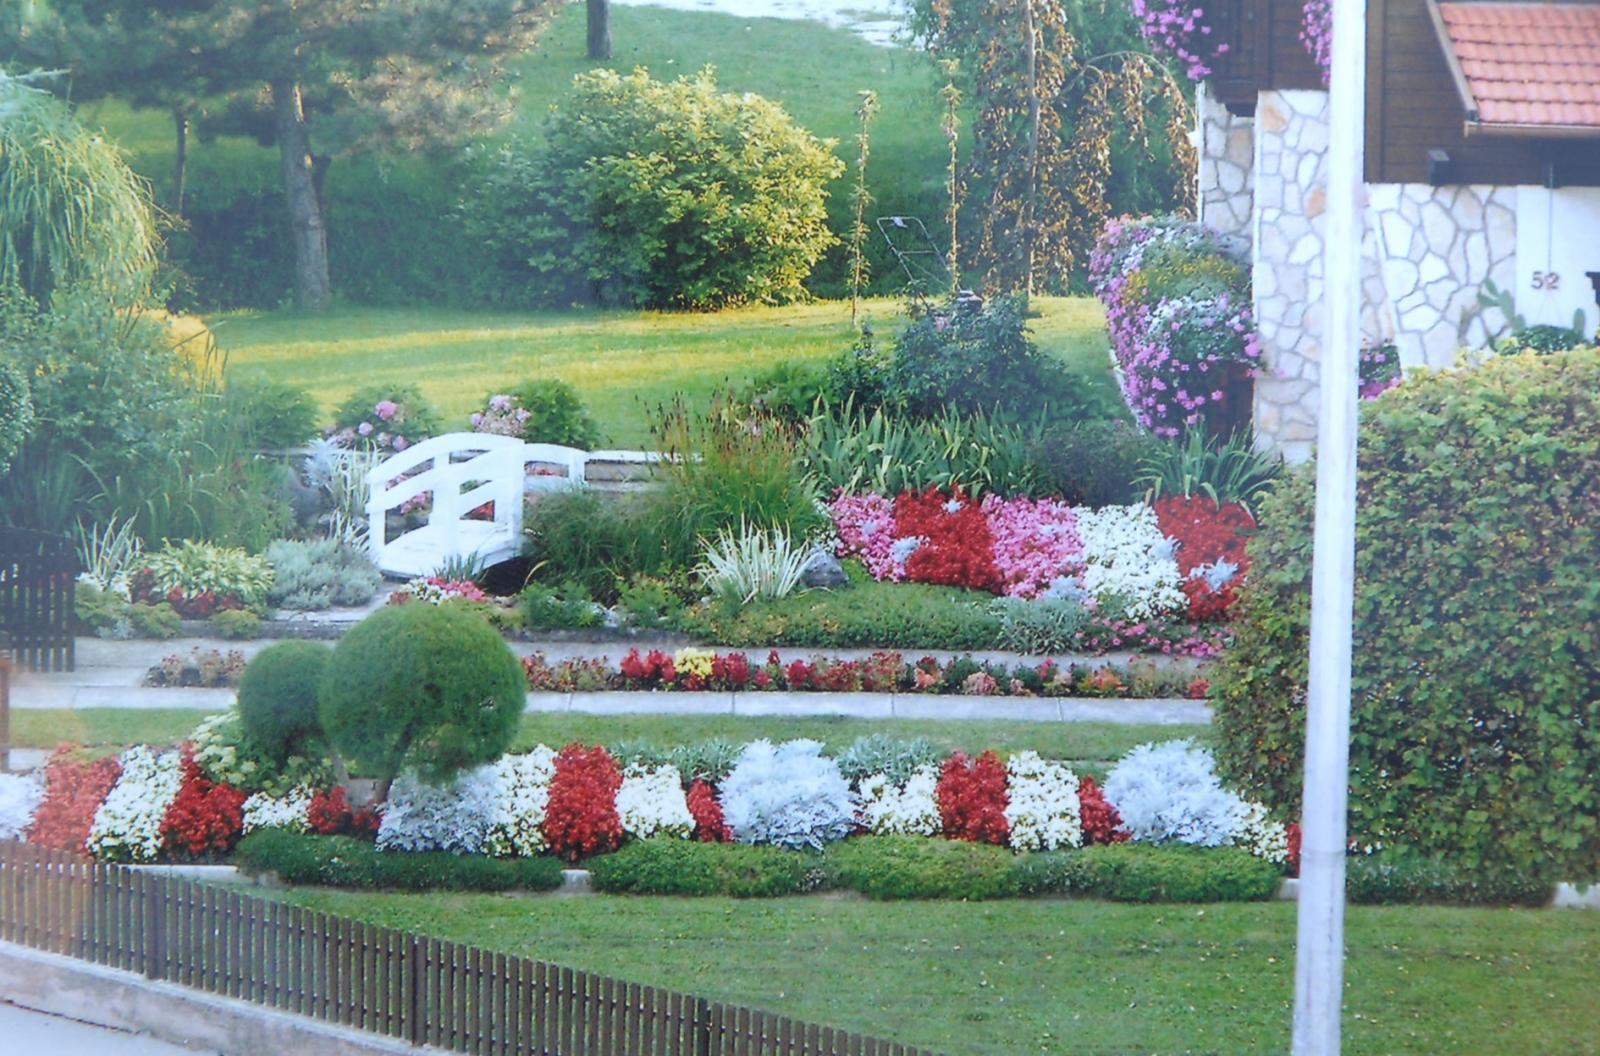 FOTO Posjetili smo dvorište iz snova. Zavirite u mali vrtni raj - Living